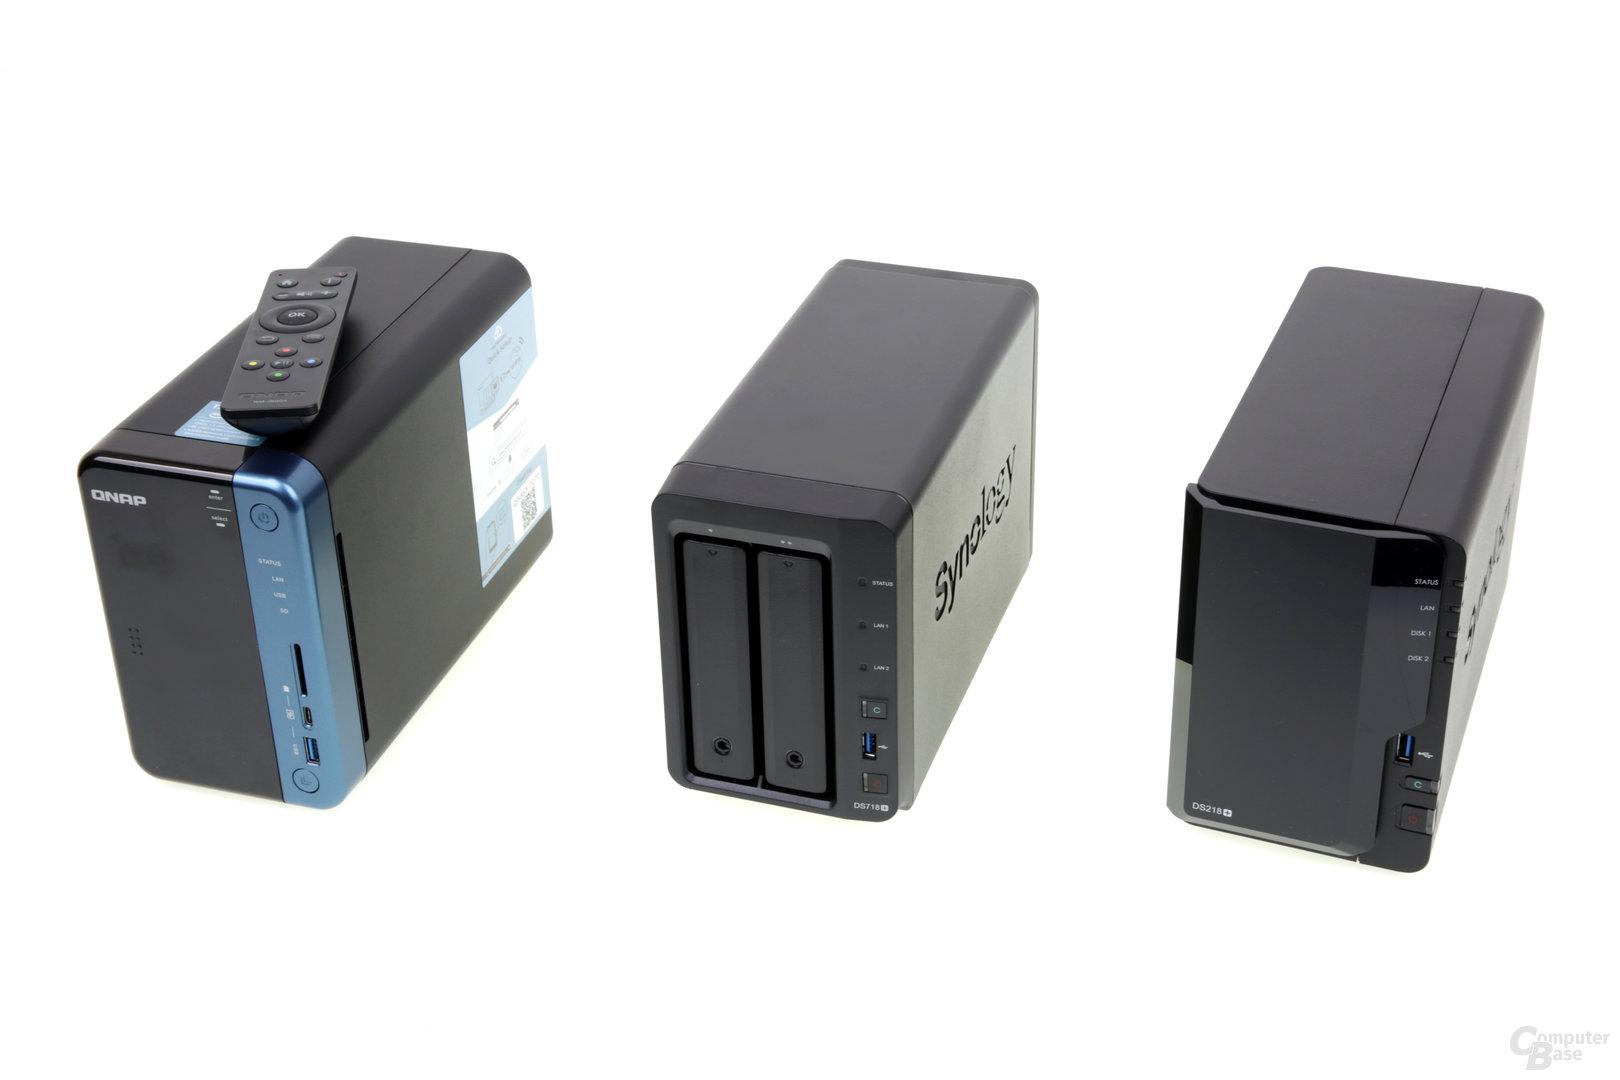 QNAP TS-253B, Synology DS718+ und DS218+ im Vergleich